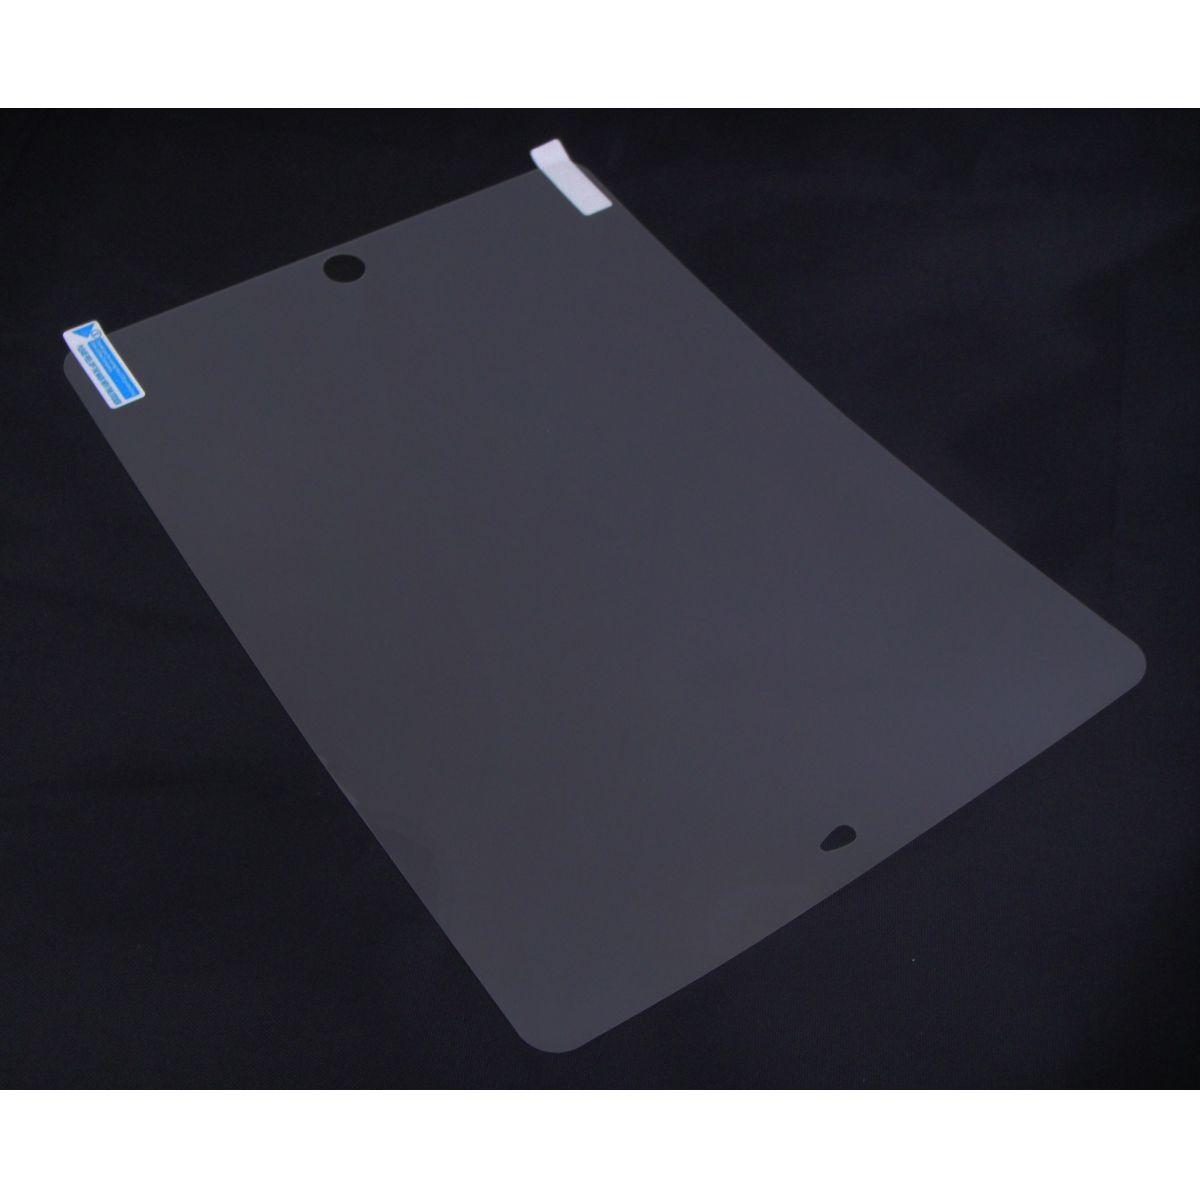 Pelicula protetora para Ipad 5 Air Transparente